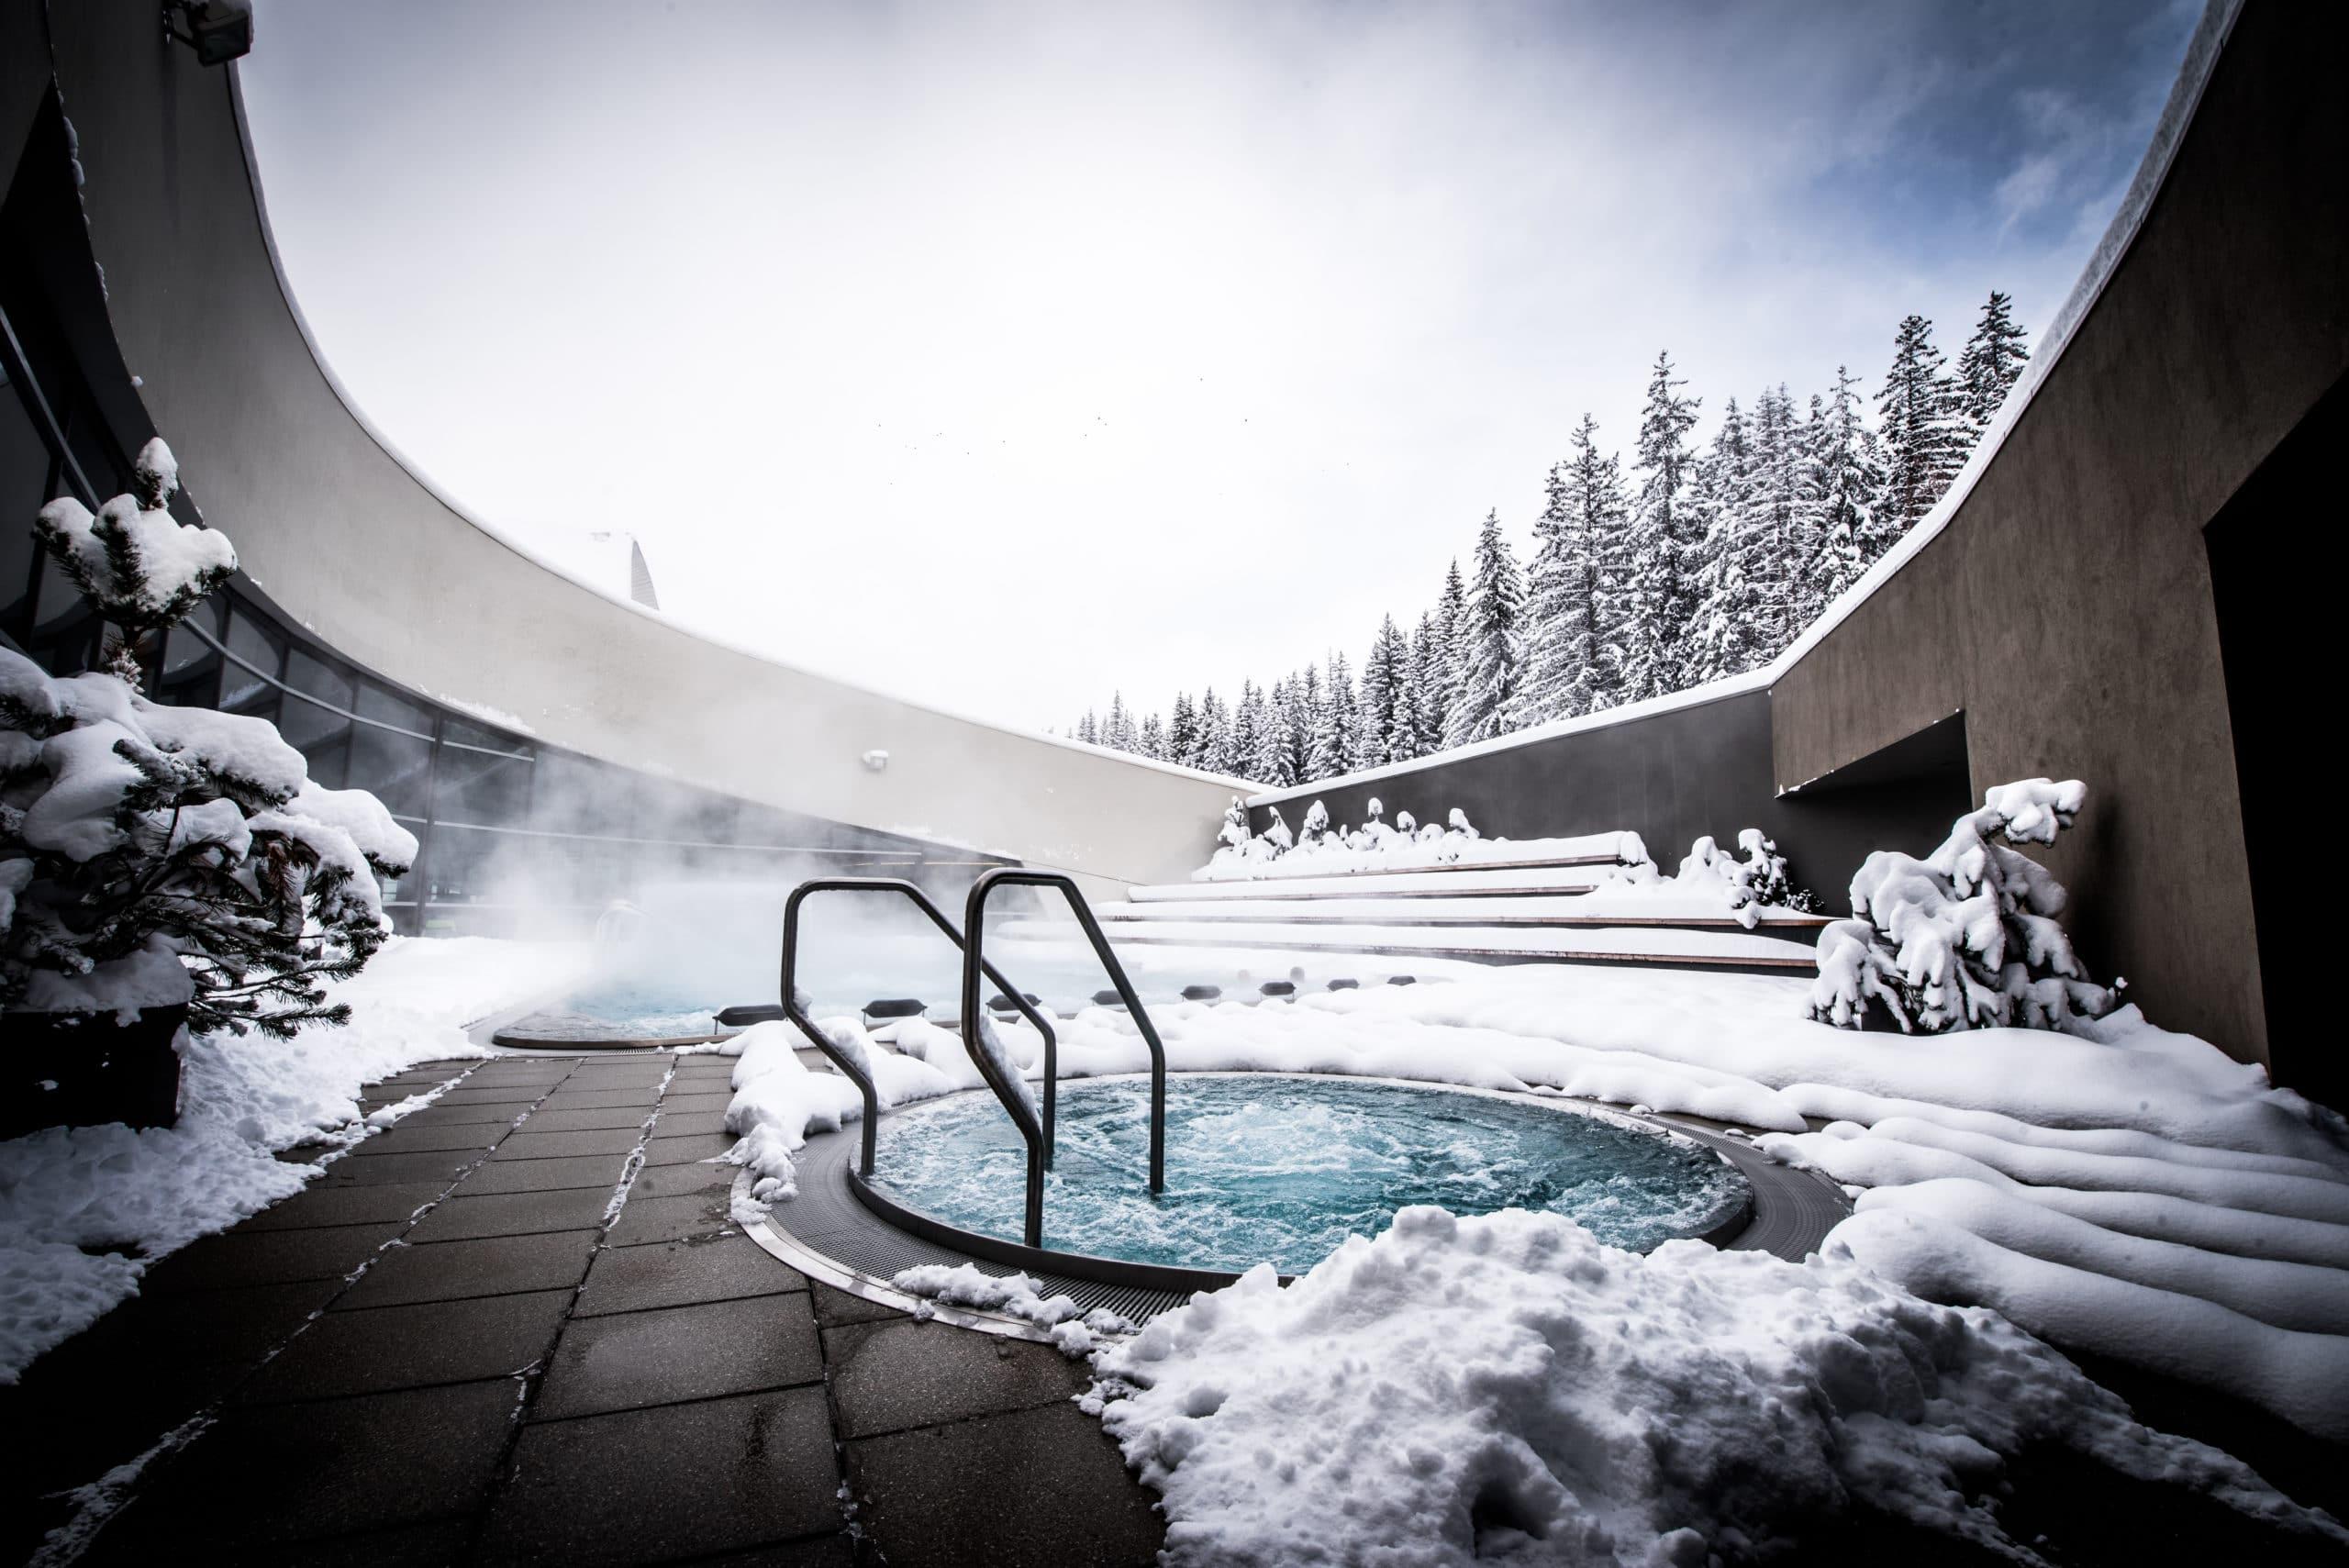 Отправляйтесь в Aquamotion Mediatheque в Куршевеле из наших роскошных лыжных шале